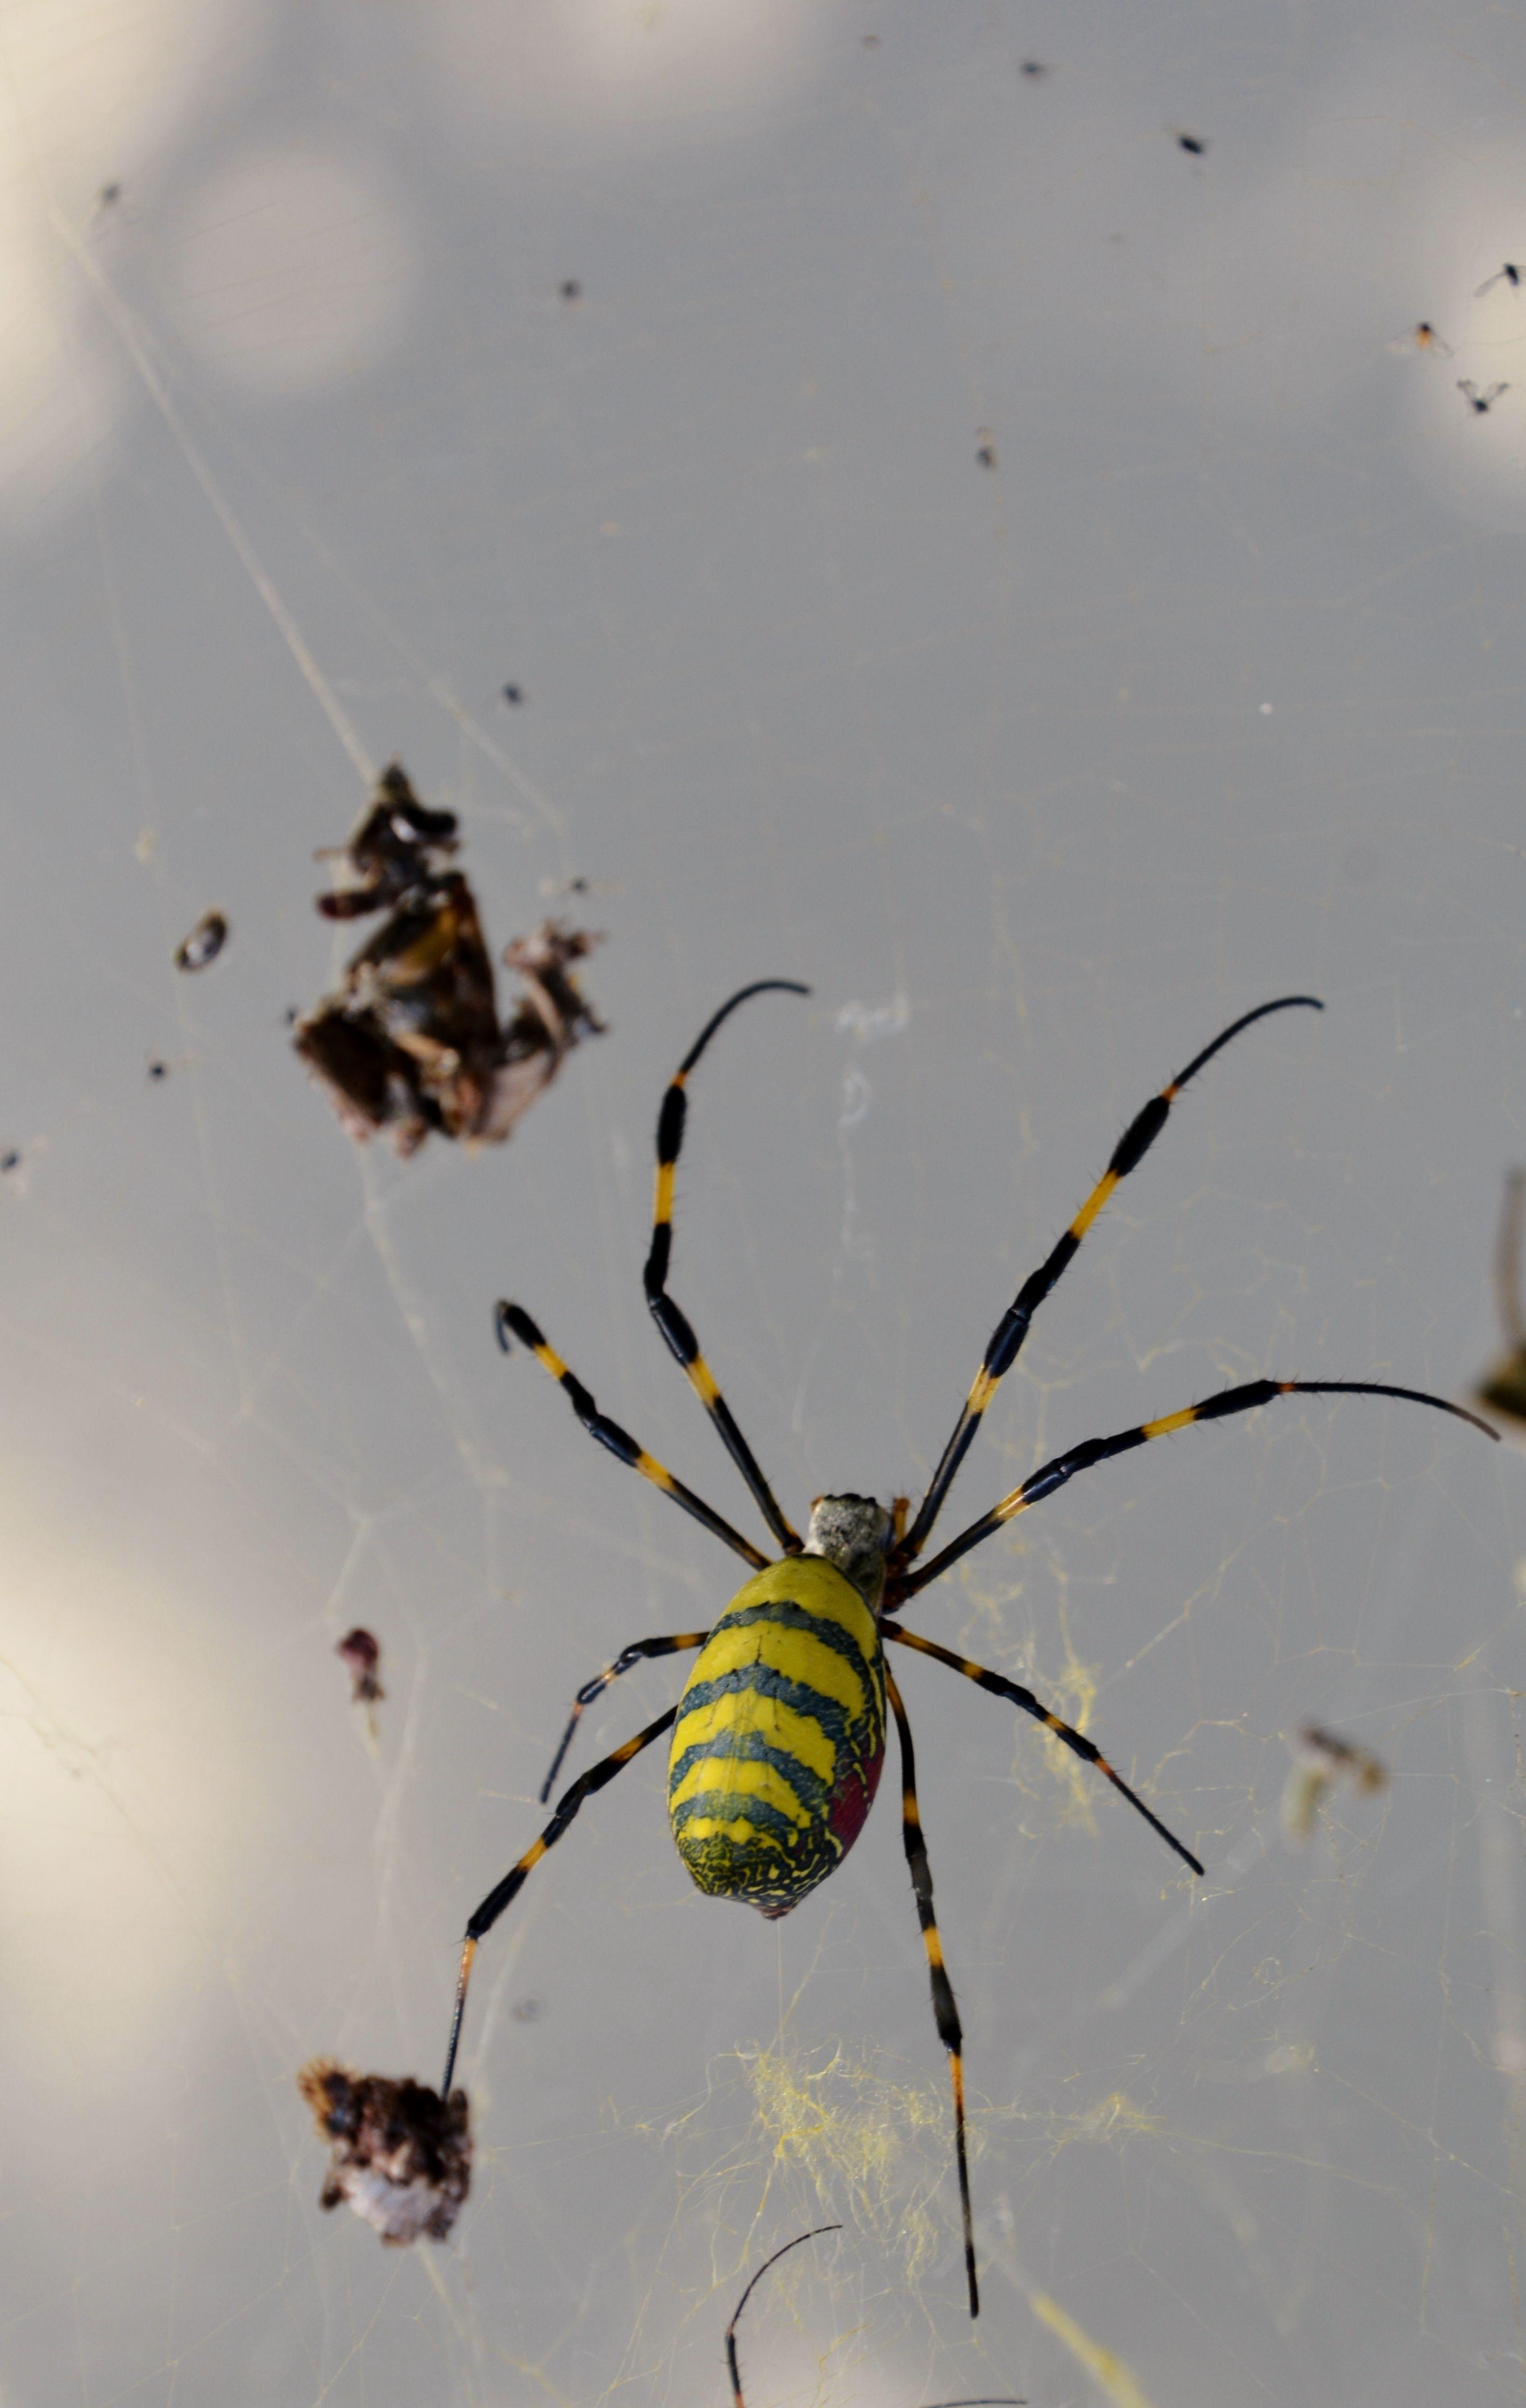 ボード 女郎蜘蛛 のピン